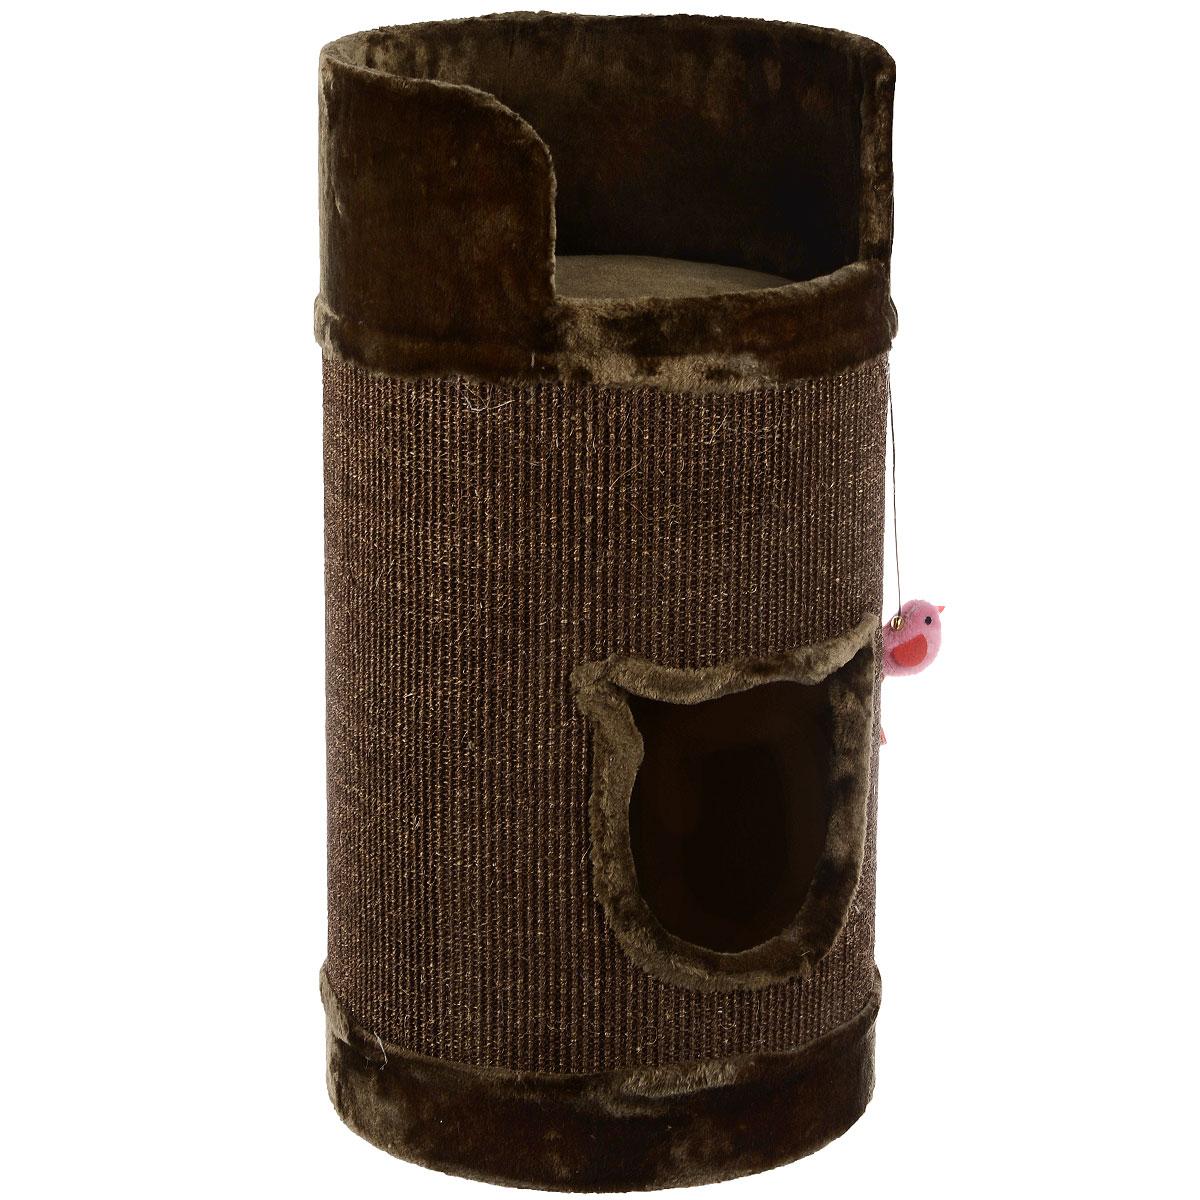 Домик-когтеточка для кошек I.P.T.S. Bruno, цвет: коричневый, 38 см х 38 см х 75 см25875Домик-когтеточка для кошек I.P.T.S. Bruno выполнен из ДСП, плюша и сизаля.Удобная когтеточка в виде бочки позволит приучить кошку точить коготки в строго определенном месте. Сверху имеется удобная площадка с бортиком, где вашему питомцу будет удобно спать.